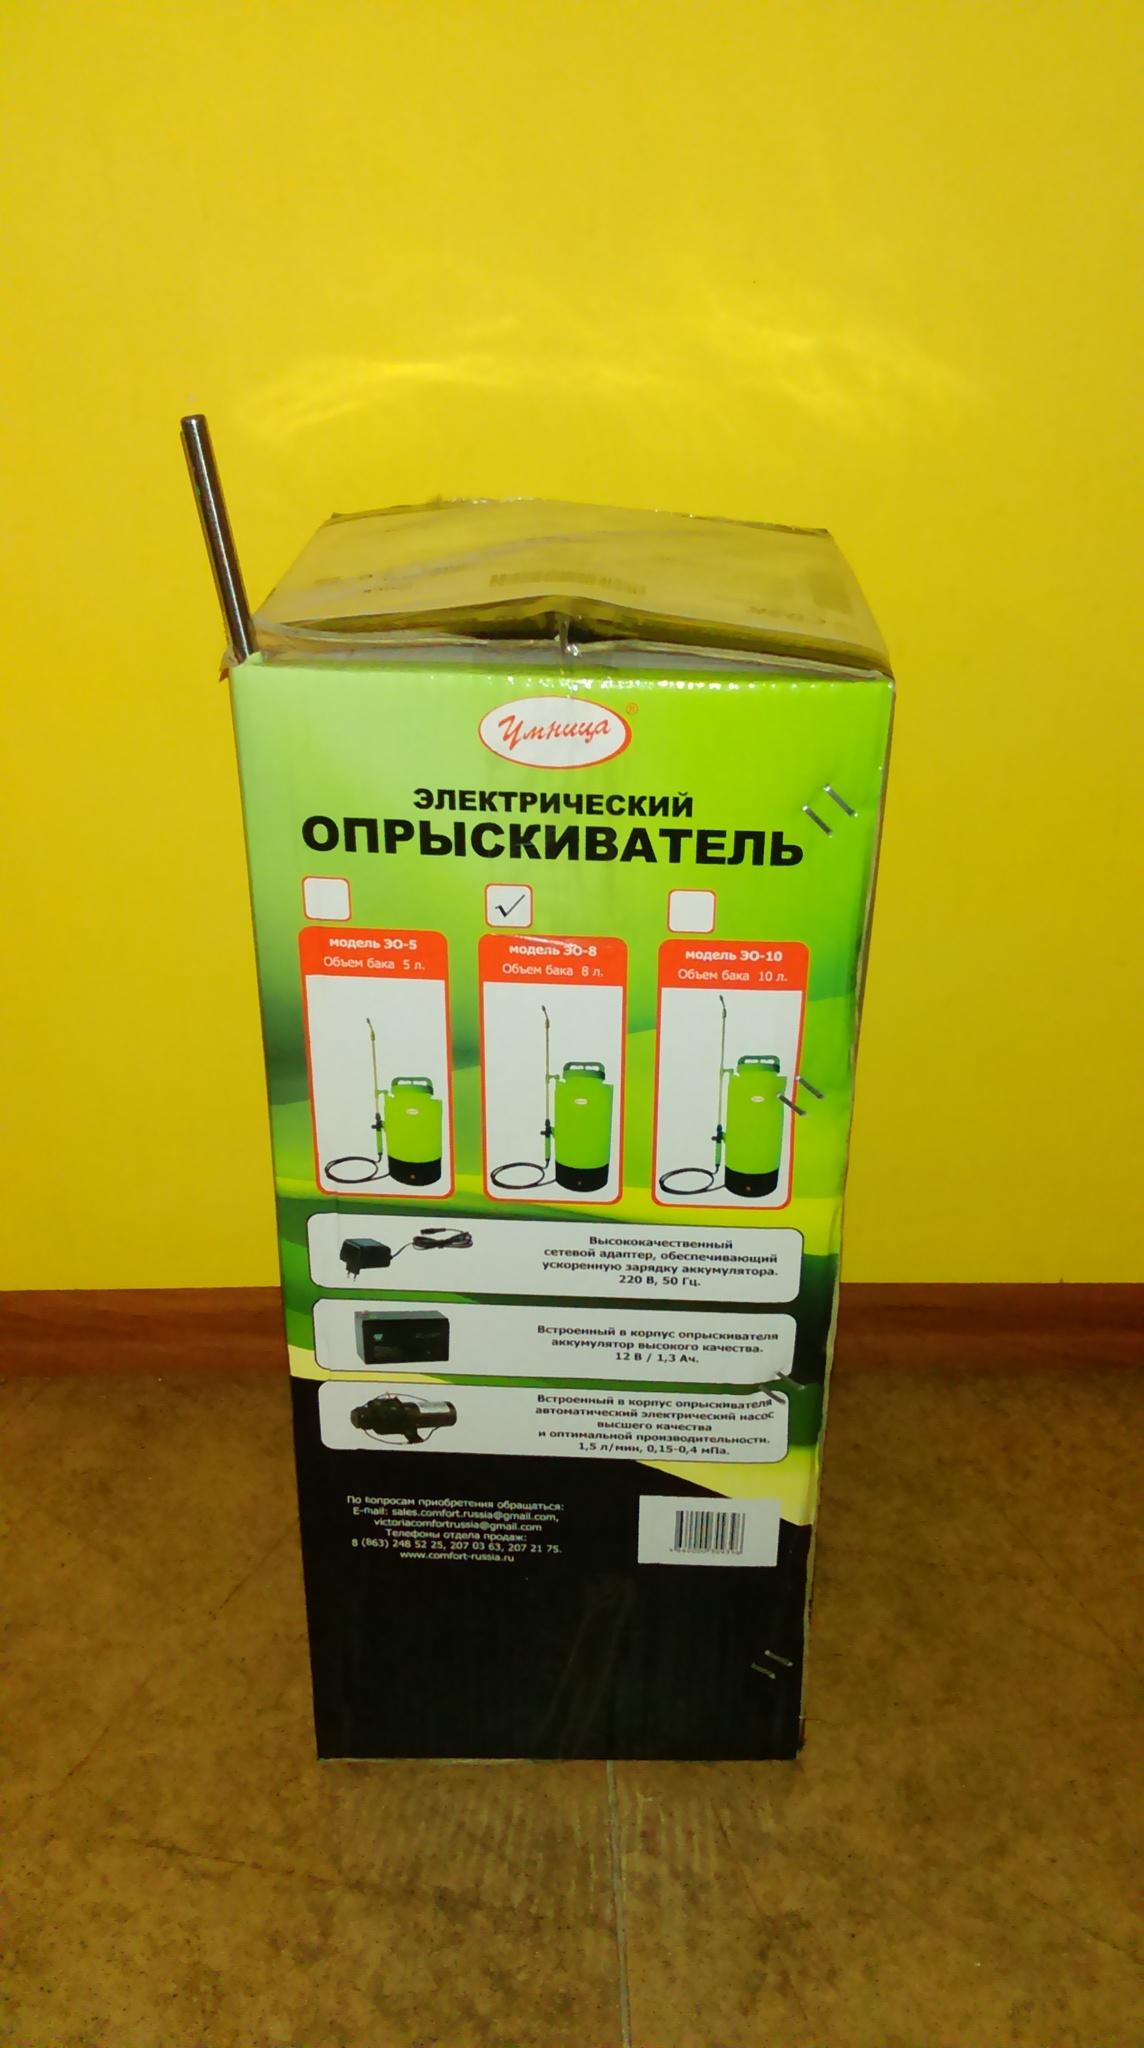 Удочка из нерж. стали модель УРП-1м (длина100 см) купить